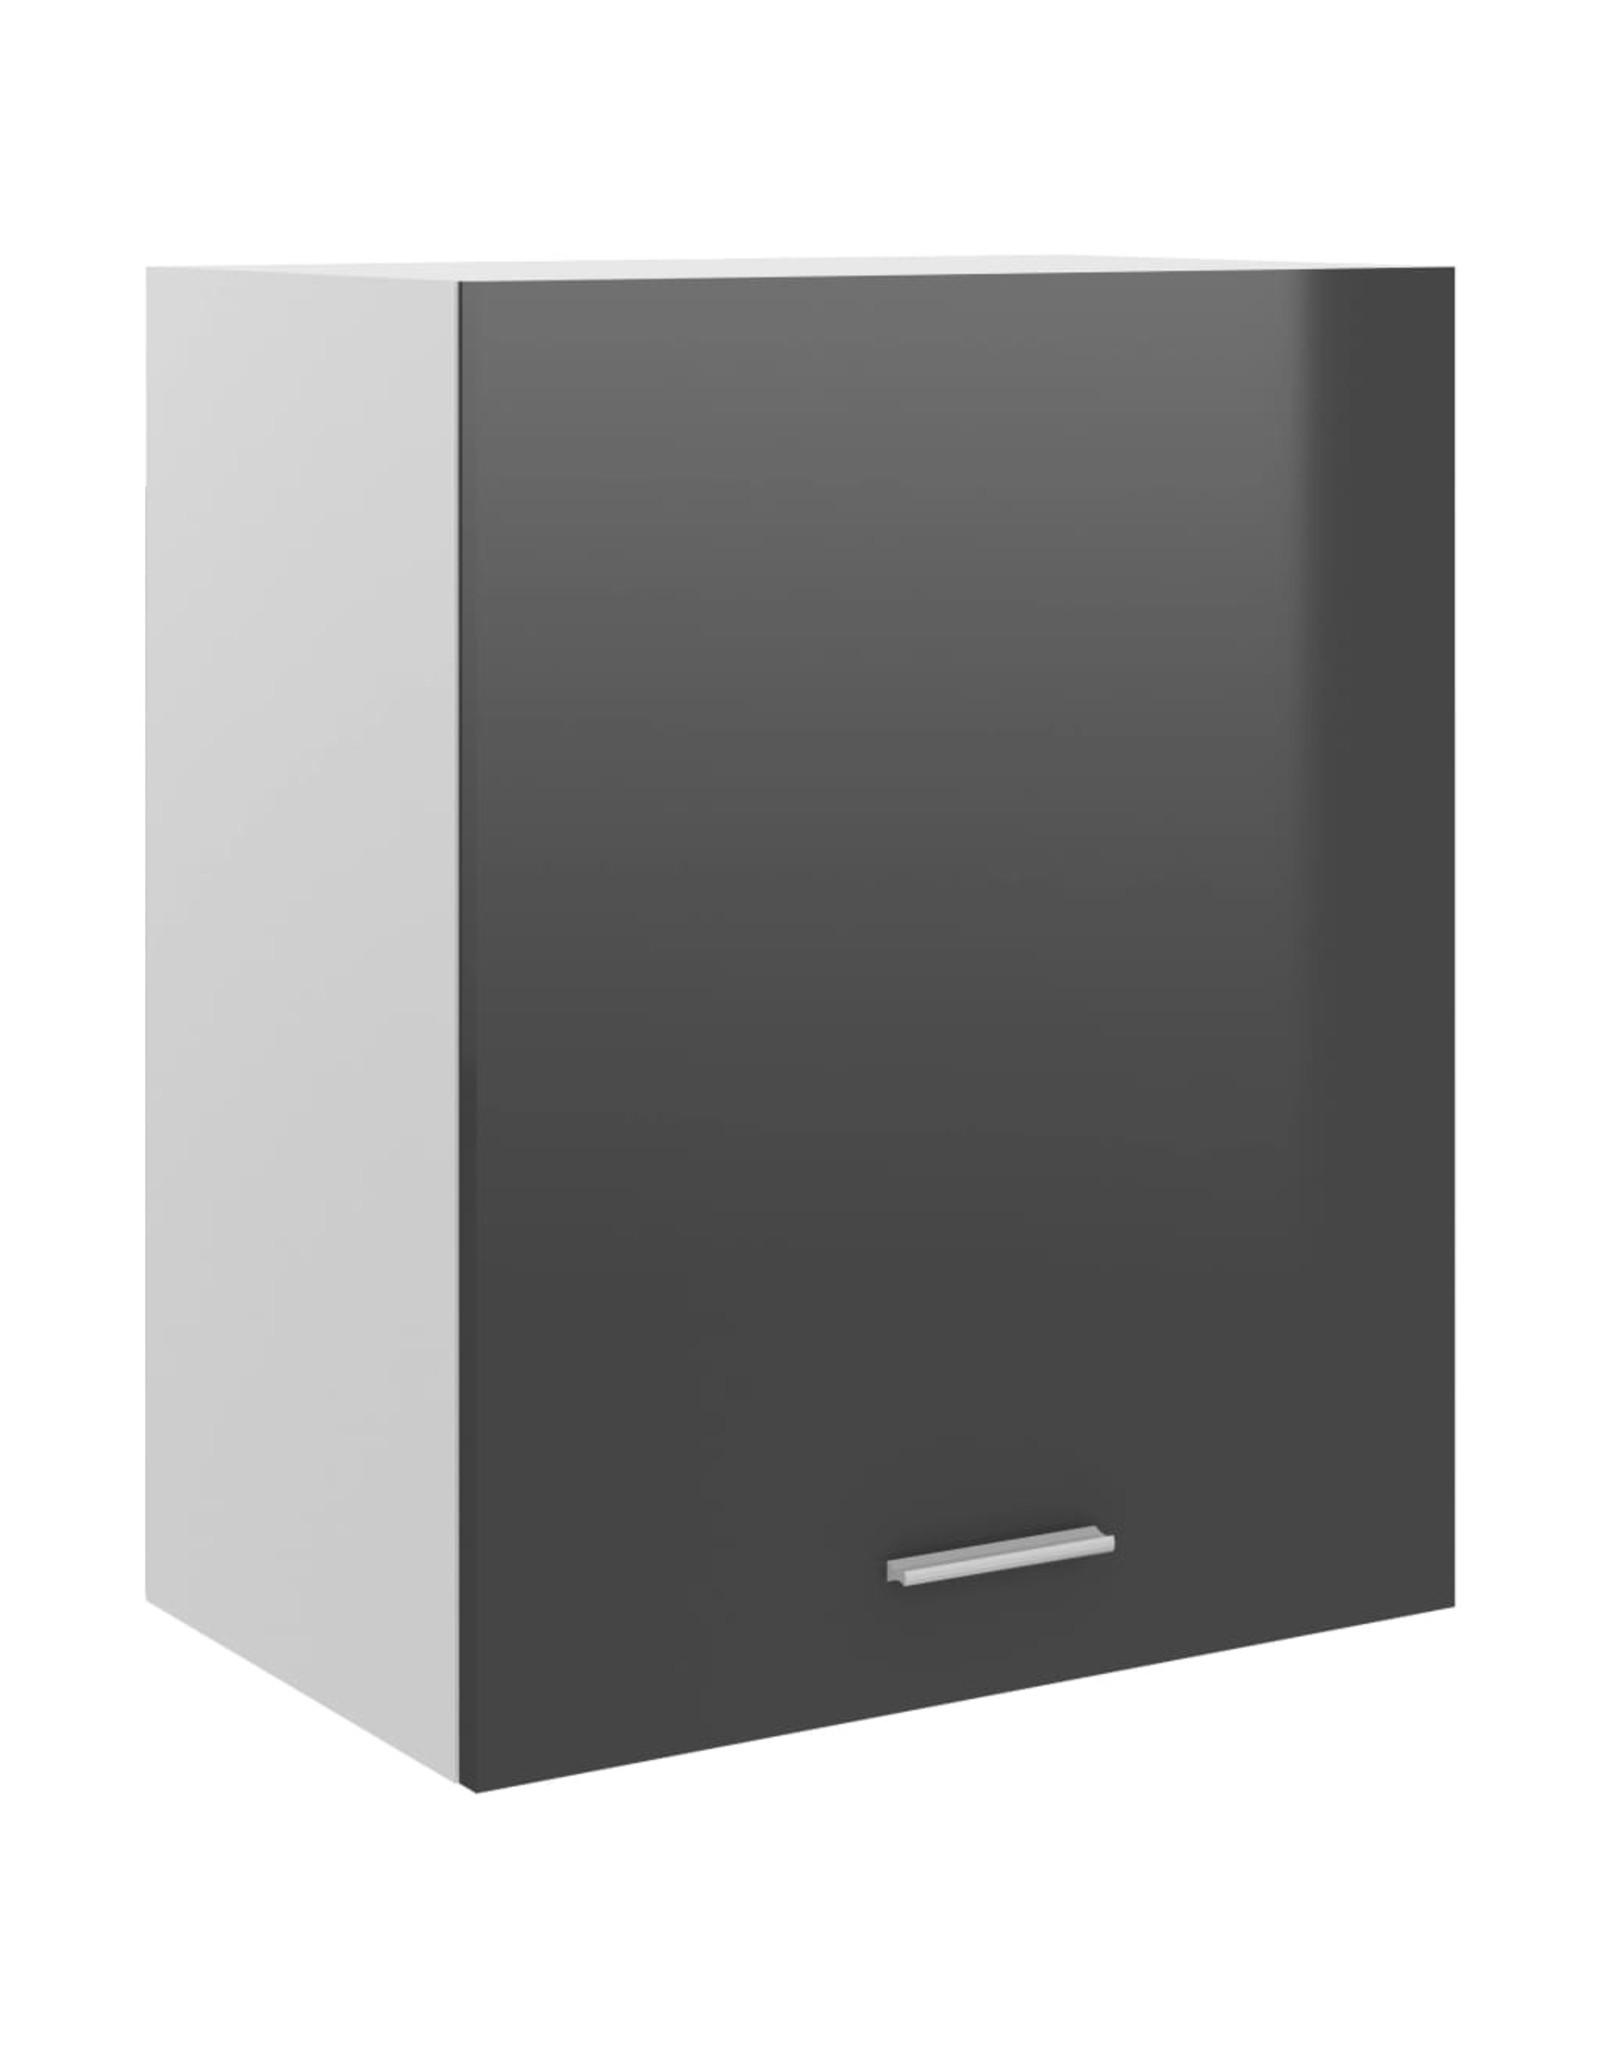 Hangkast 50x31x60 cm spaanplaat hoogglans grijs